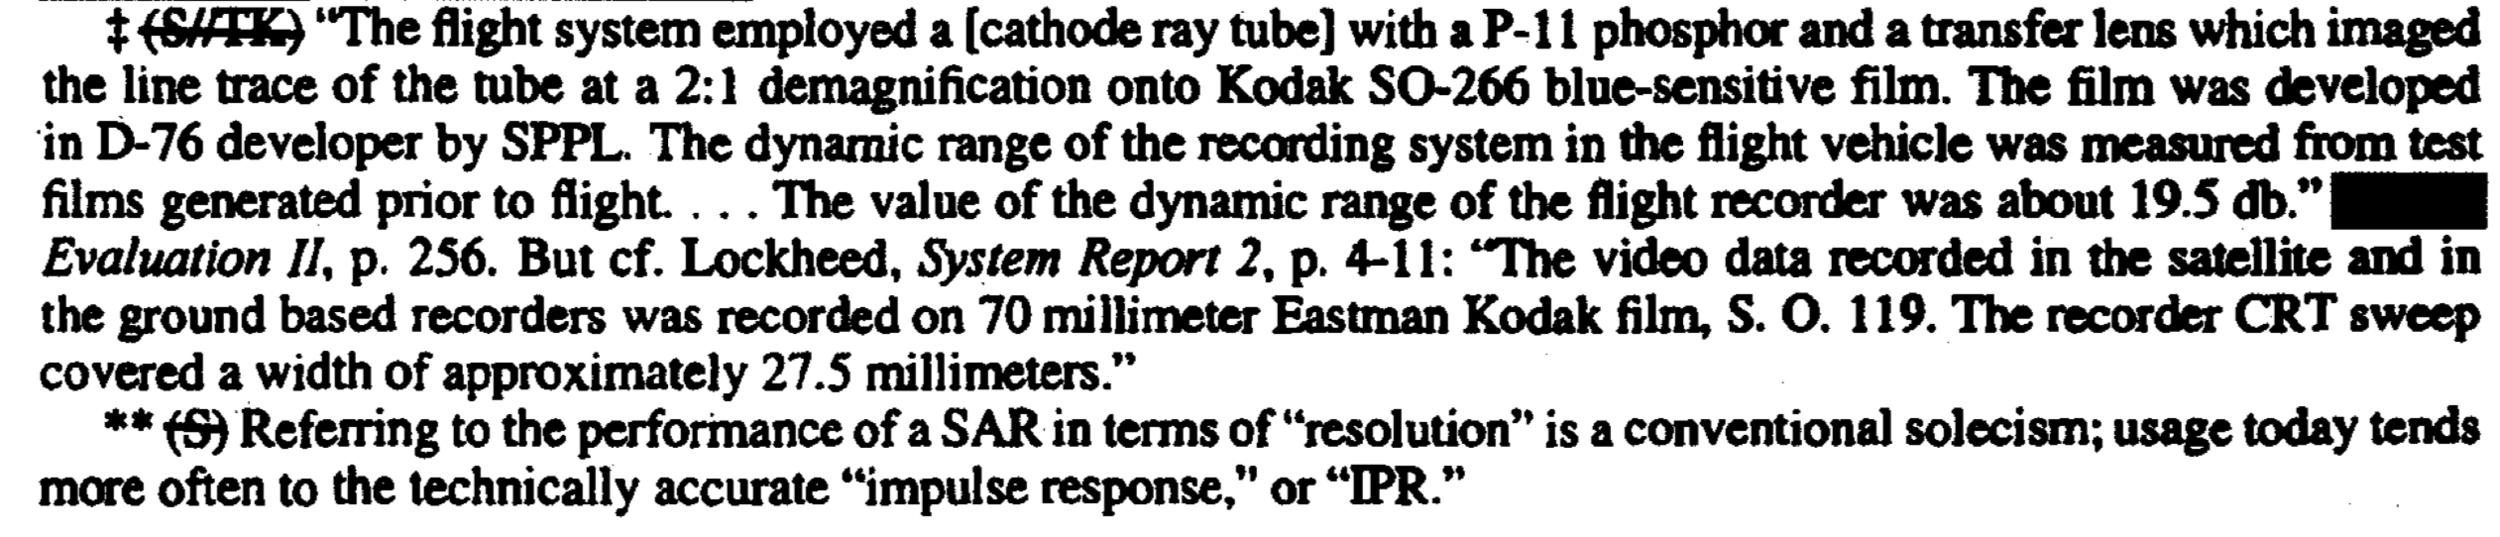 Kodak's role in Quill SAR